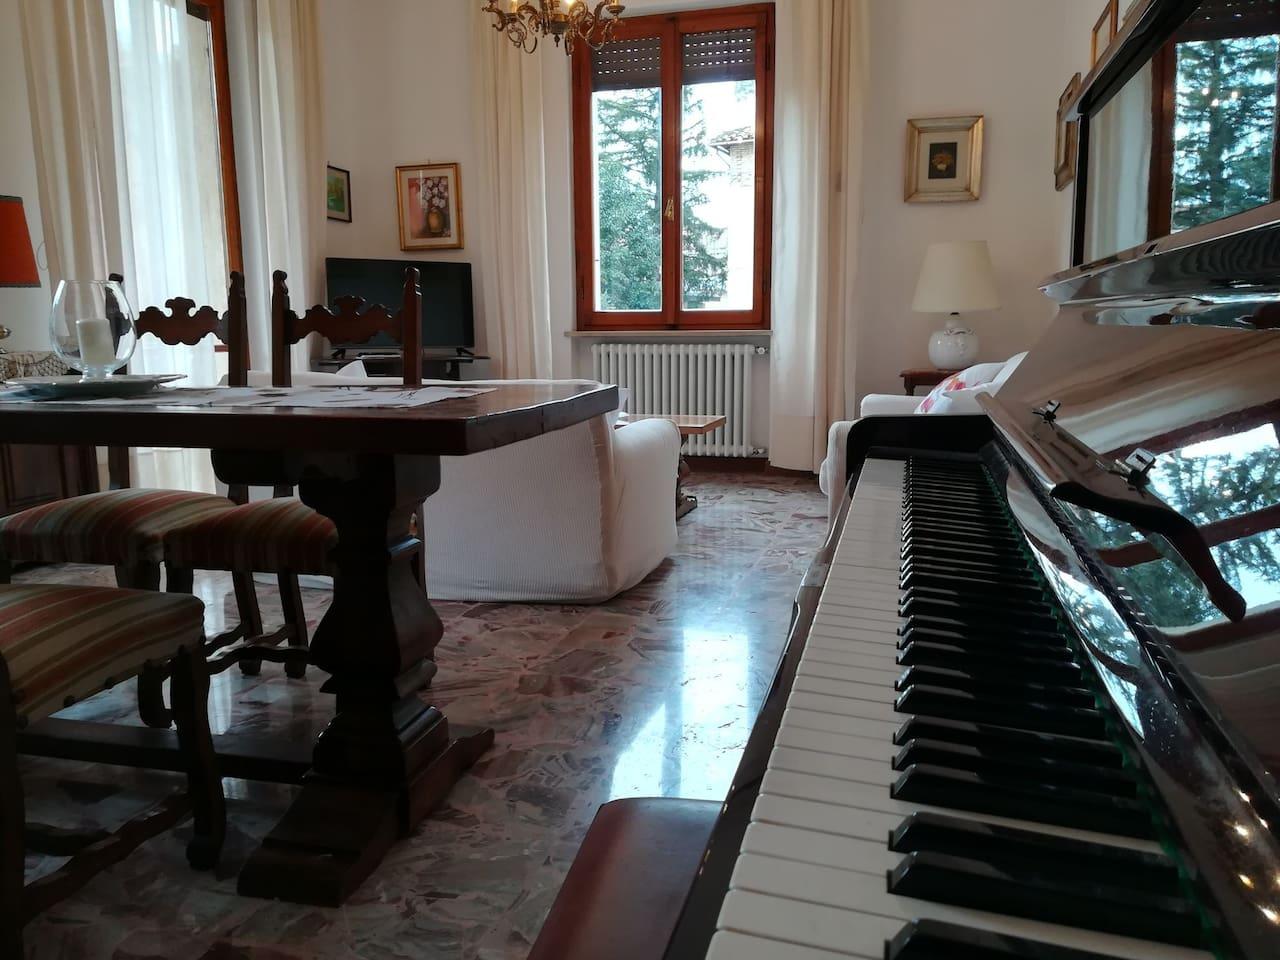 Soggiorno, sala da pranzo, pianoforte, tv